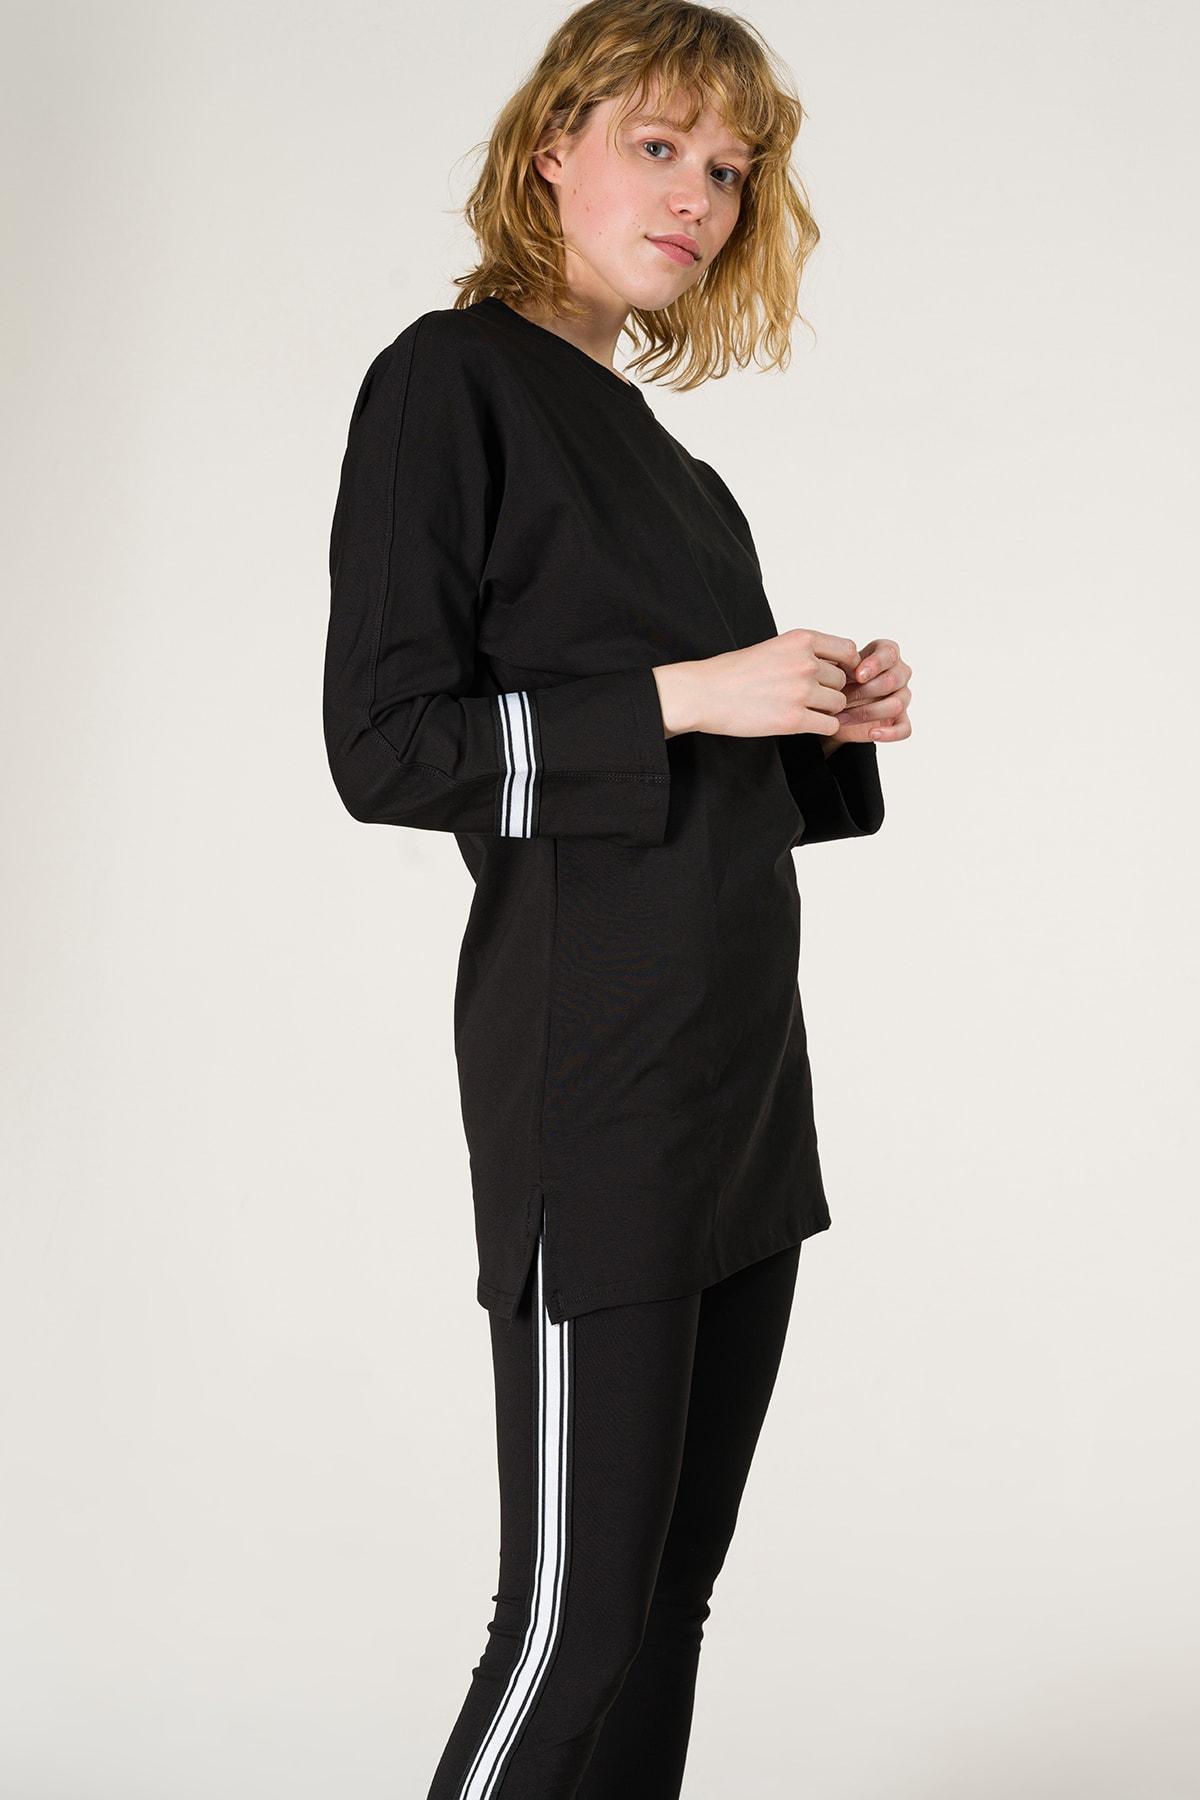 Runever Kadın Siyah Tunik Takım 2